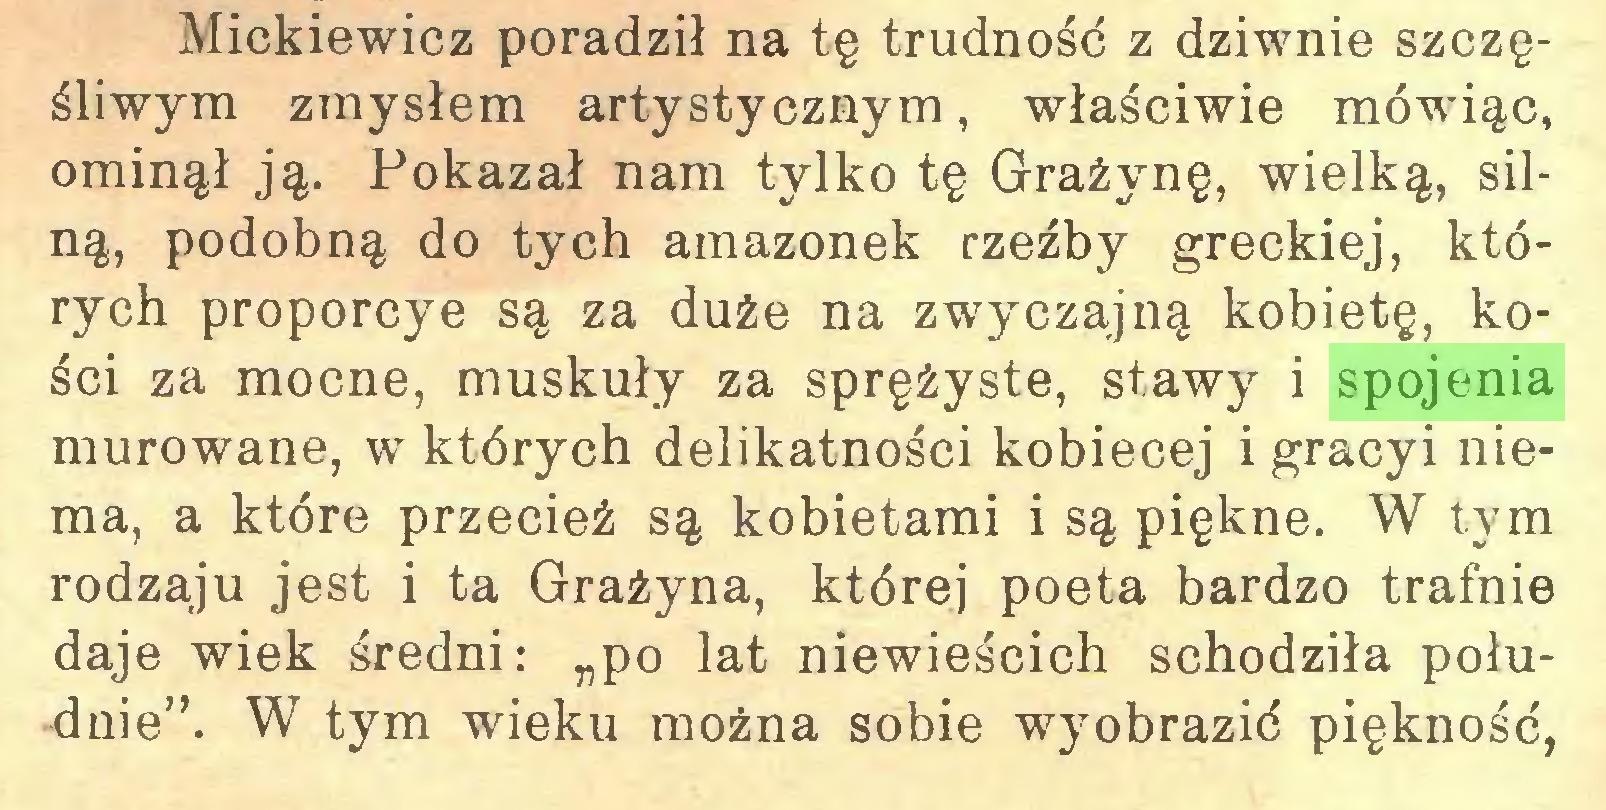 """(...) Mickiewicz poradził na tę trudność z dziwnie szczęśliwym zmysłem artystycznym, właściwie mówiąc, ominął ją. Pokazał nam tylko tę Grażynę, wielką, silną, podobną do tych amazonek rzeźby greckiej, których proporcye są za duże na zwyczajną kobietę, kości za mocne, muskuły za sprężyste, stawy i spojenia murowane, w których delikatności kobiecej i gracyi niema, a które przecież są kobietami i są piękne. W tym rodzaju jest i ta Grażyna, której poeta bardzo trafnie daje wiek średni: """"po lat niewieścich schodziła południe"""". W tym wieku można sobie wyobrazić piękność,..."""